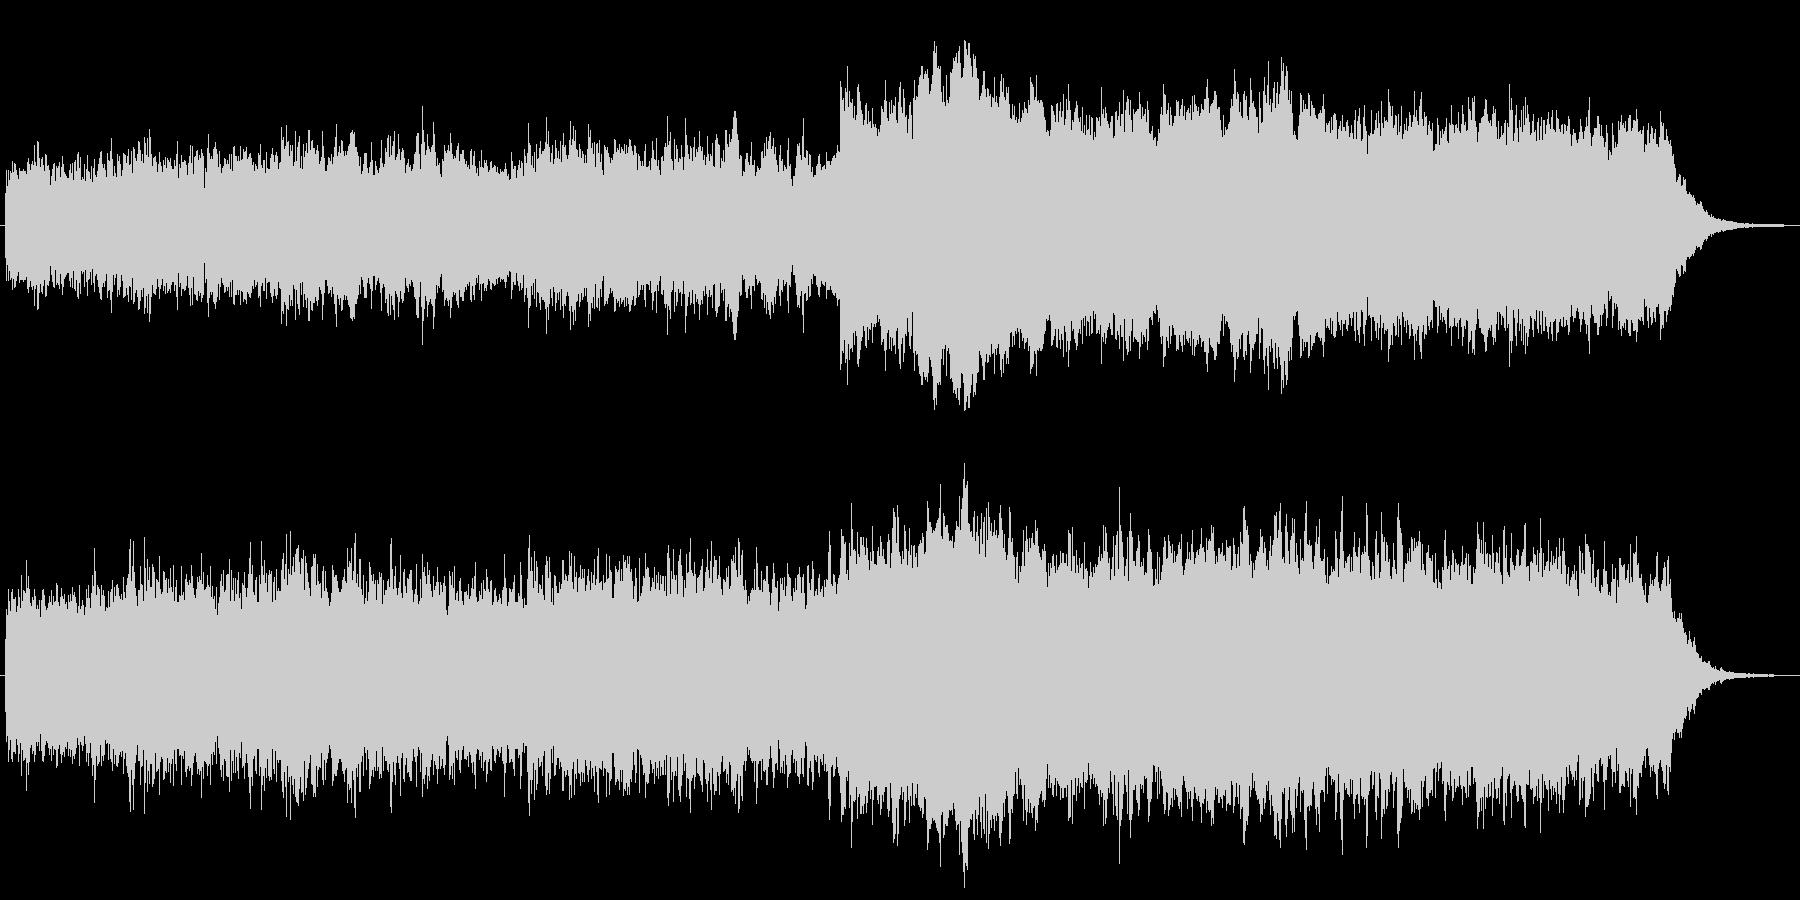 シンセによるキラキラしたジングル3の未再生の波形